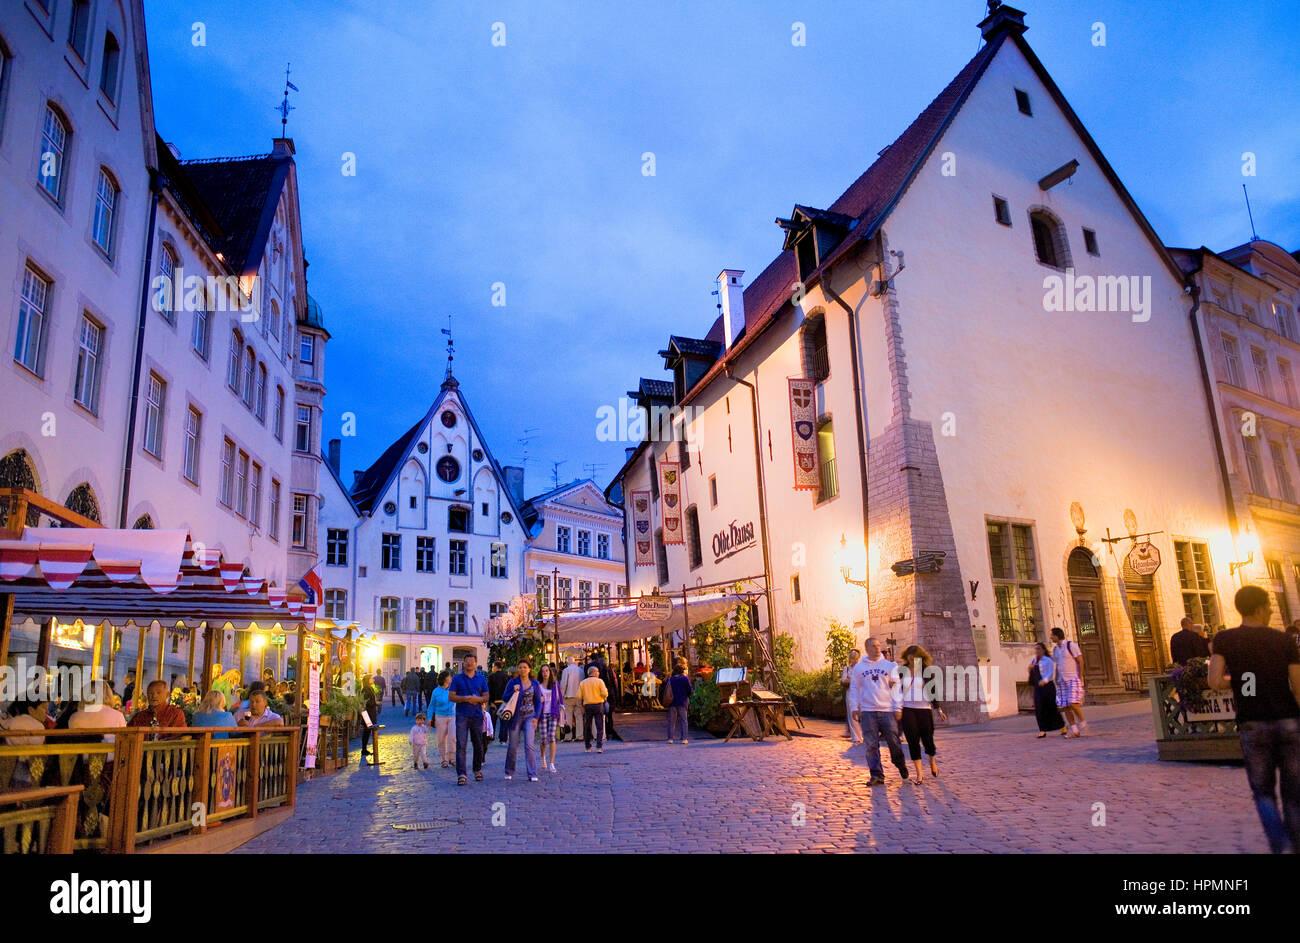 Vana Turg street,Tallinn, Estonia - Stock Image